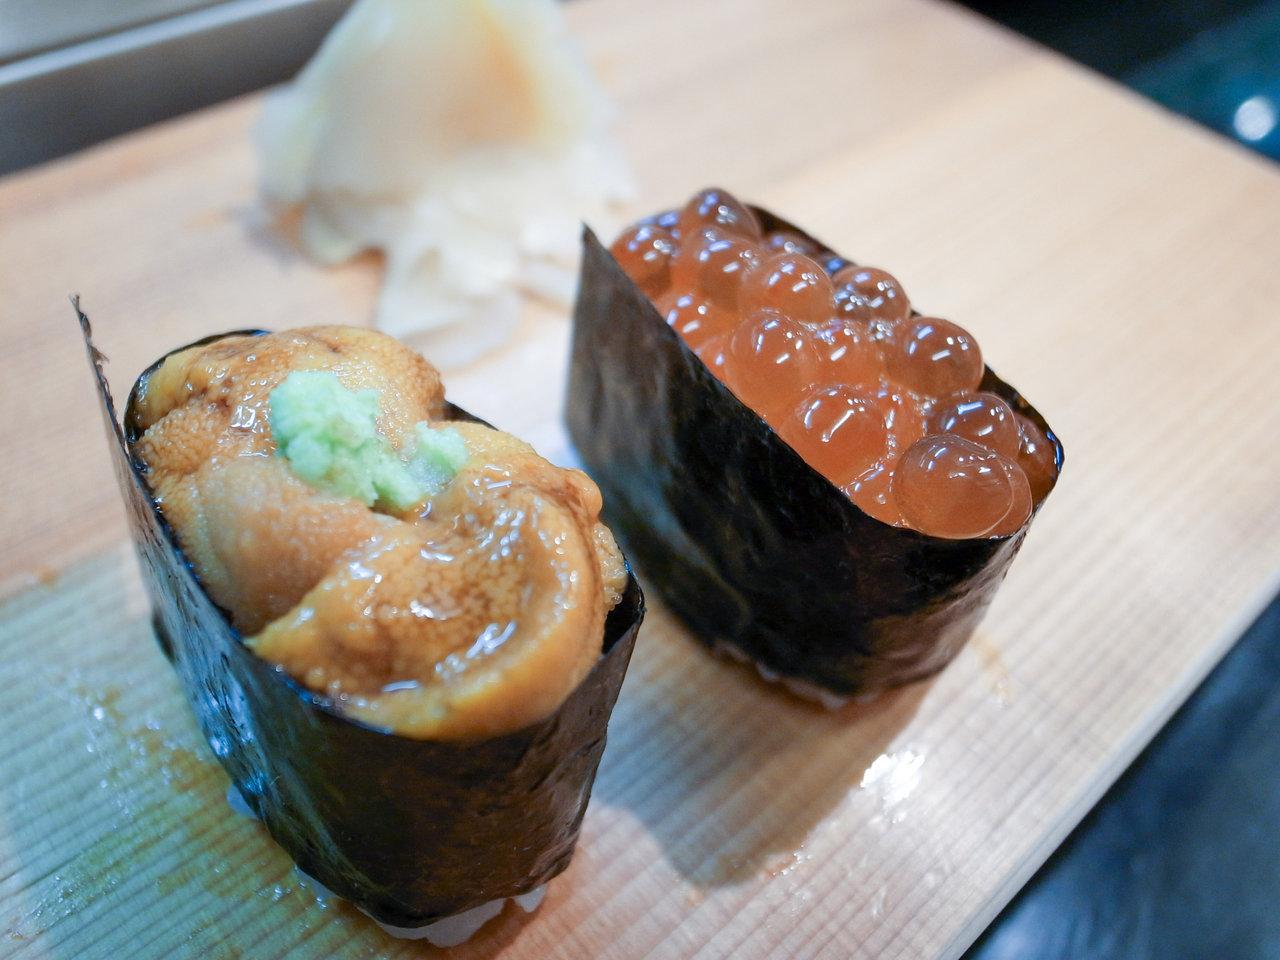 朝寿司最高!札幌の朝市が誇るコスパ最強の名店「鮨の魚政」